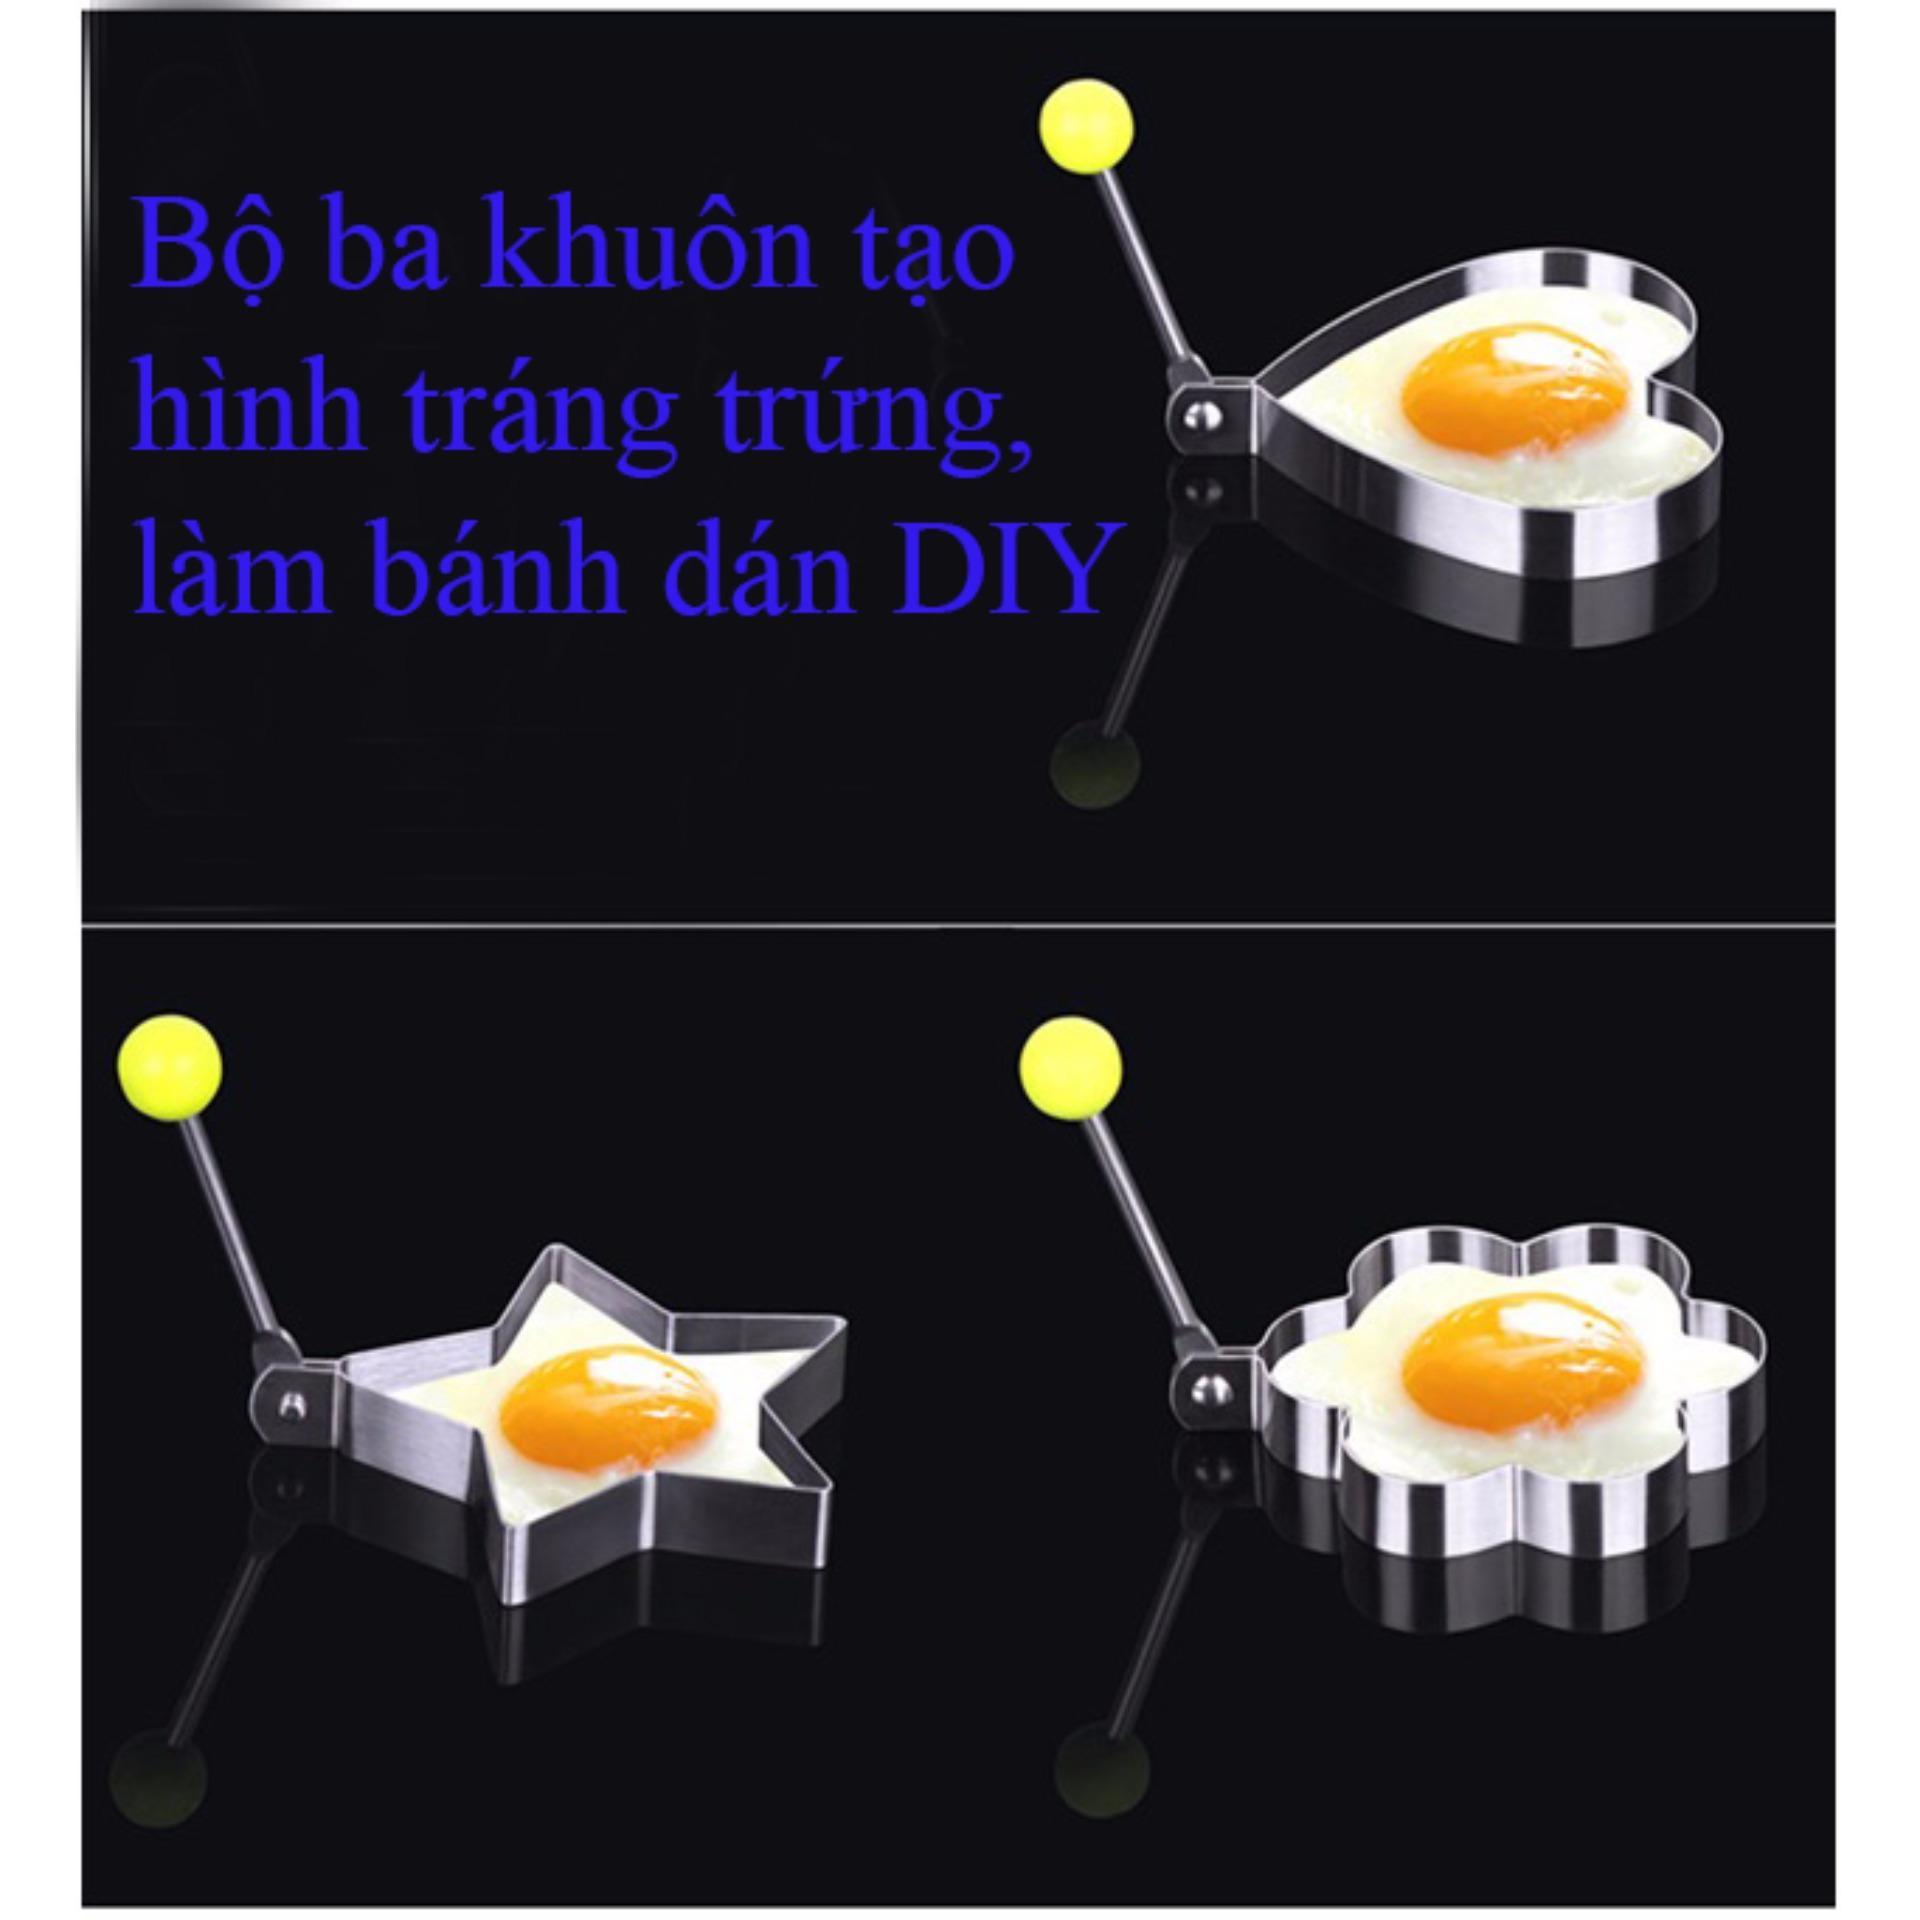 Bộ ba khuôn tạo hình tráng trứng, làm bánh dán DIY